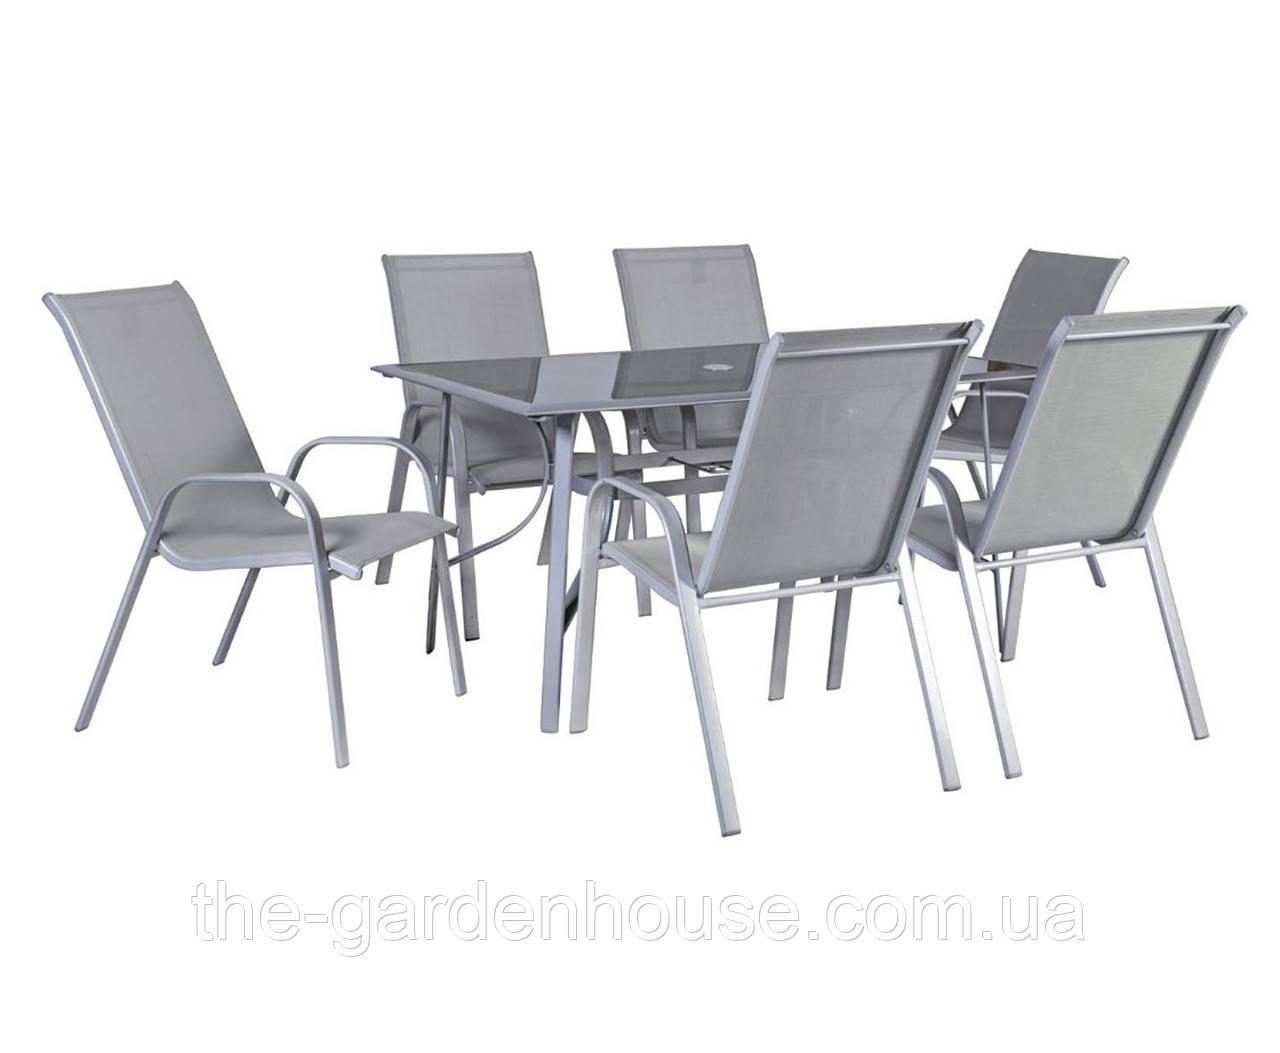 Столовый набор садовой мебели: стол Denver со стеклом и 6 стульев из текстилена серого цвета